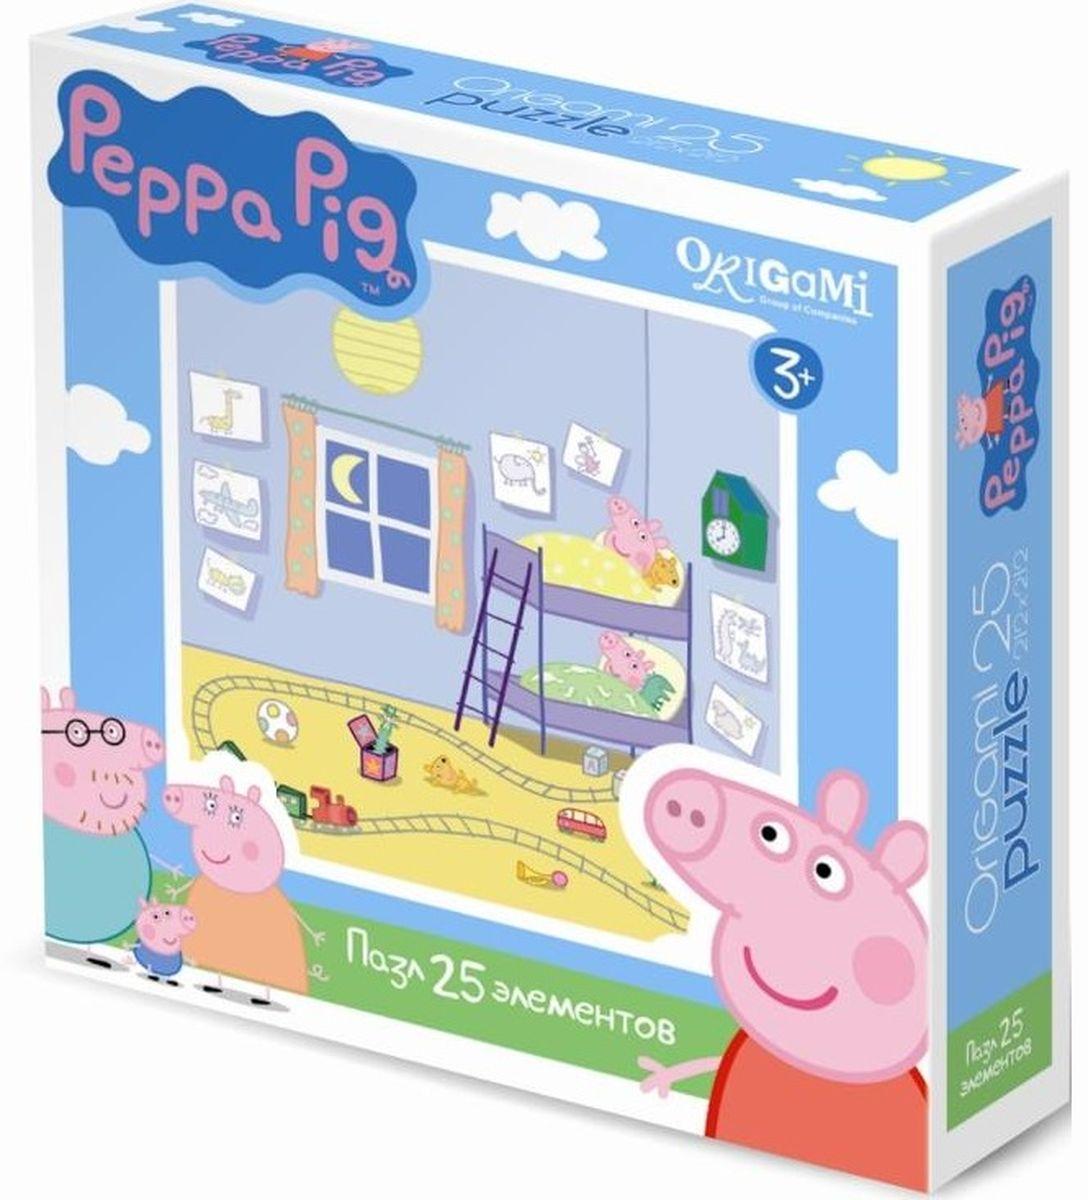 Оригами Пазл Peppa Pig 25A 0158201582Пазл Peppa Pig на 25 деталей. Пазл за пазлом ребёнок будет узнавать о весёлых приключениях Свинки Пеппы. Составление пазла станет развивающим досугом для малыша, т.к. тренирует пространственное мышление, моторику рук, а так же подарит хорошее настроение.